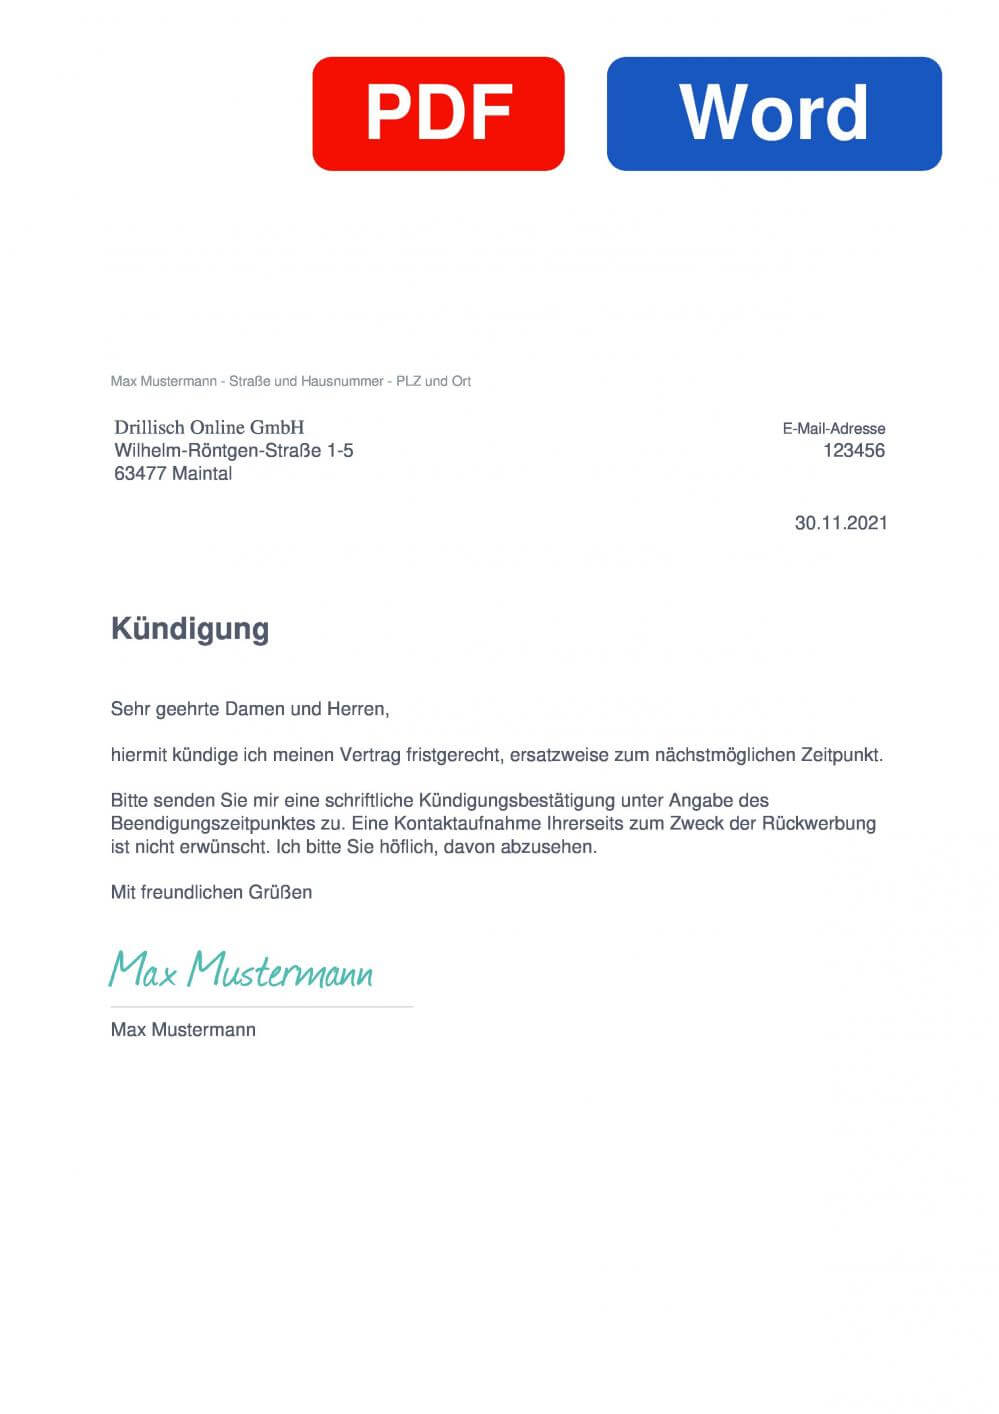 Telco Muster Vorlage für Kündigungsschreiben